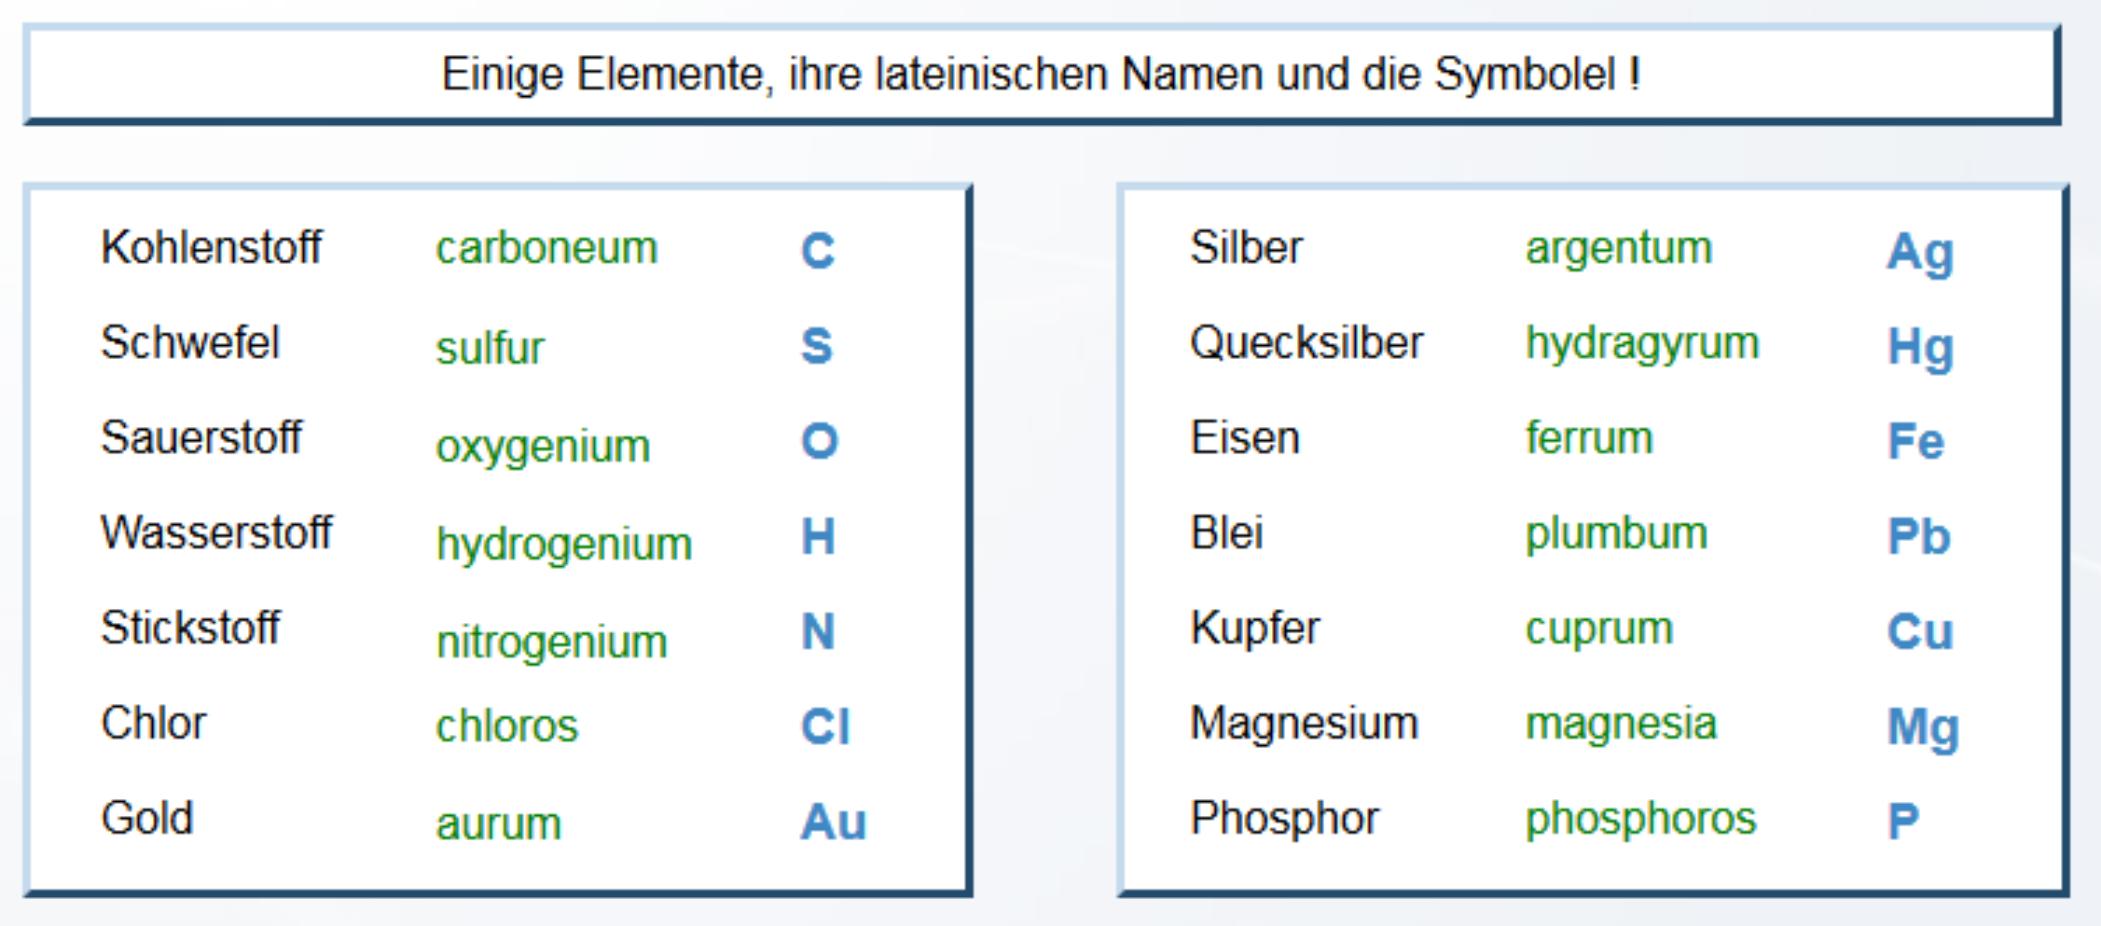 Chemische Zeichensprache - Chemie Artikel » Serlo.org